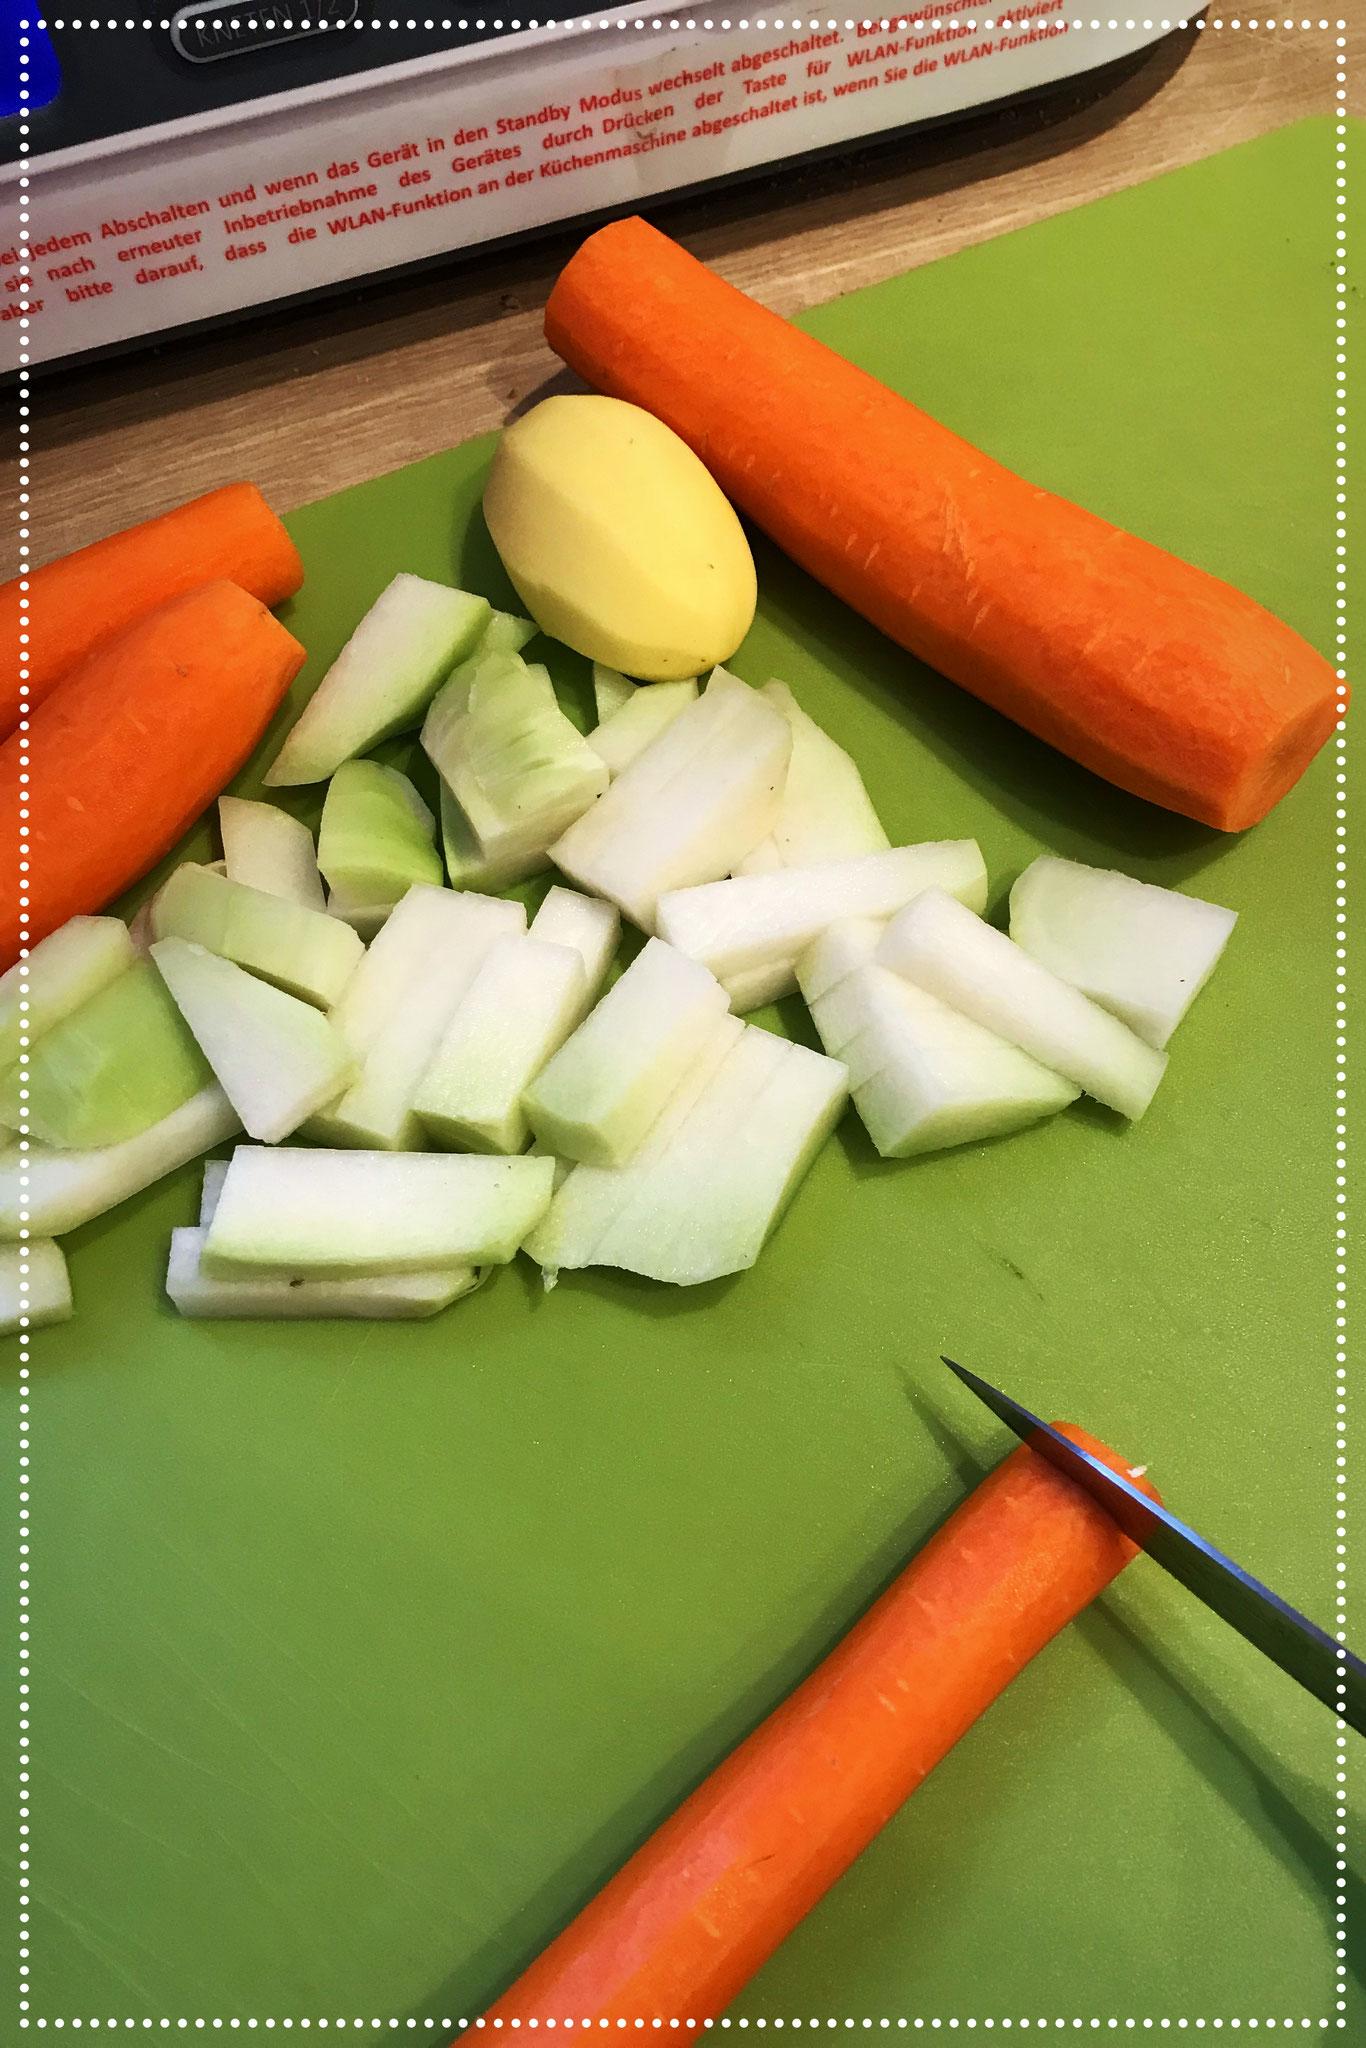 Restliches Gemüse klein schneiden.